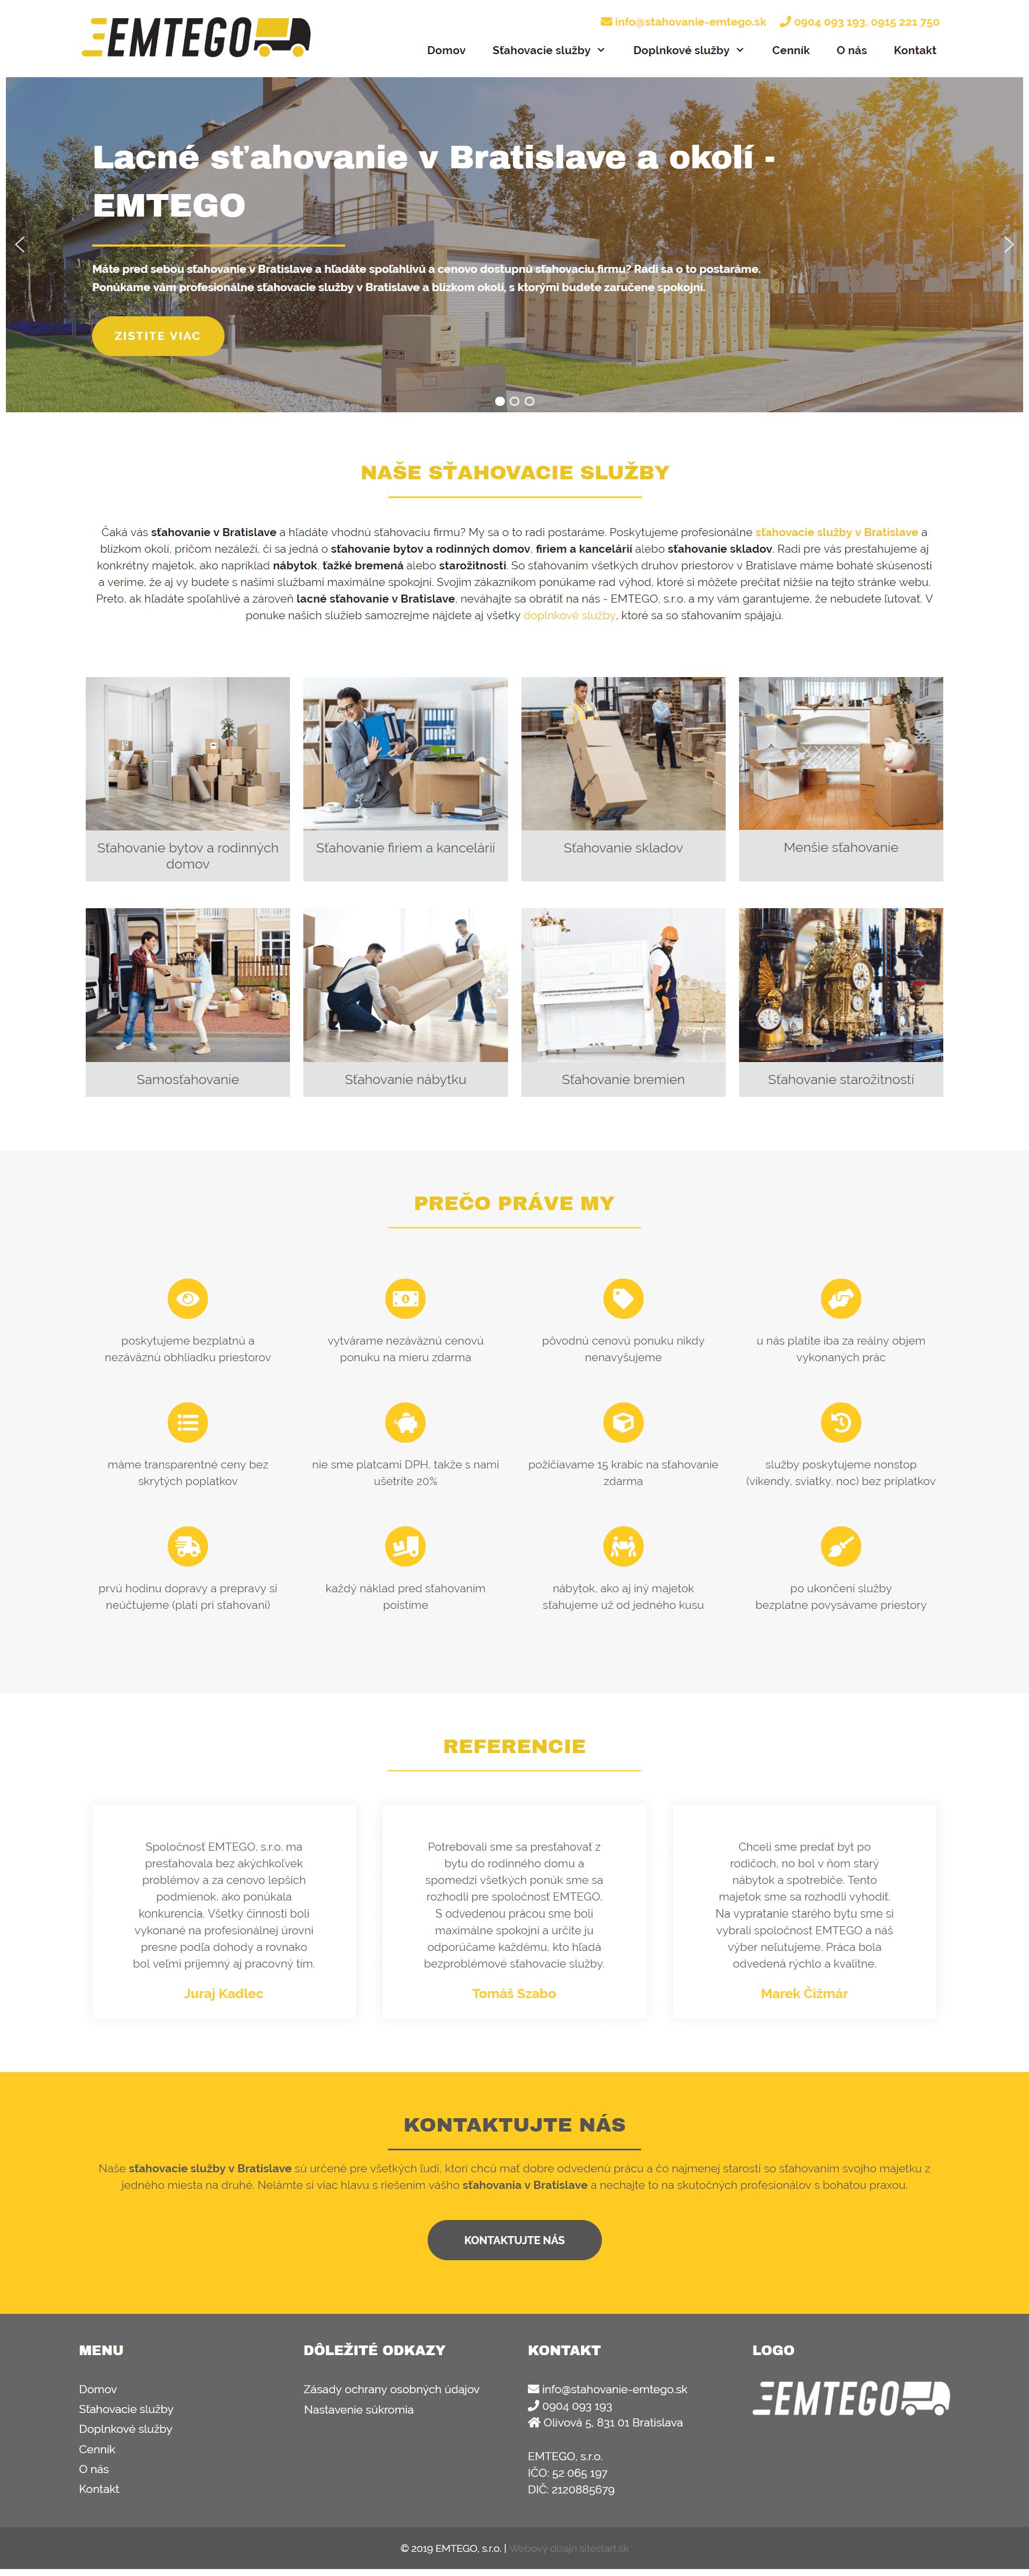 Vytvoríme vám pekné a. bezplatne vám poradíme odľadom tvorby webu, e-shopu alebo online marketingu.